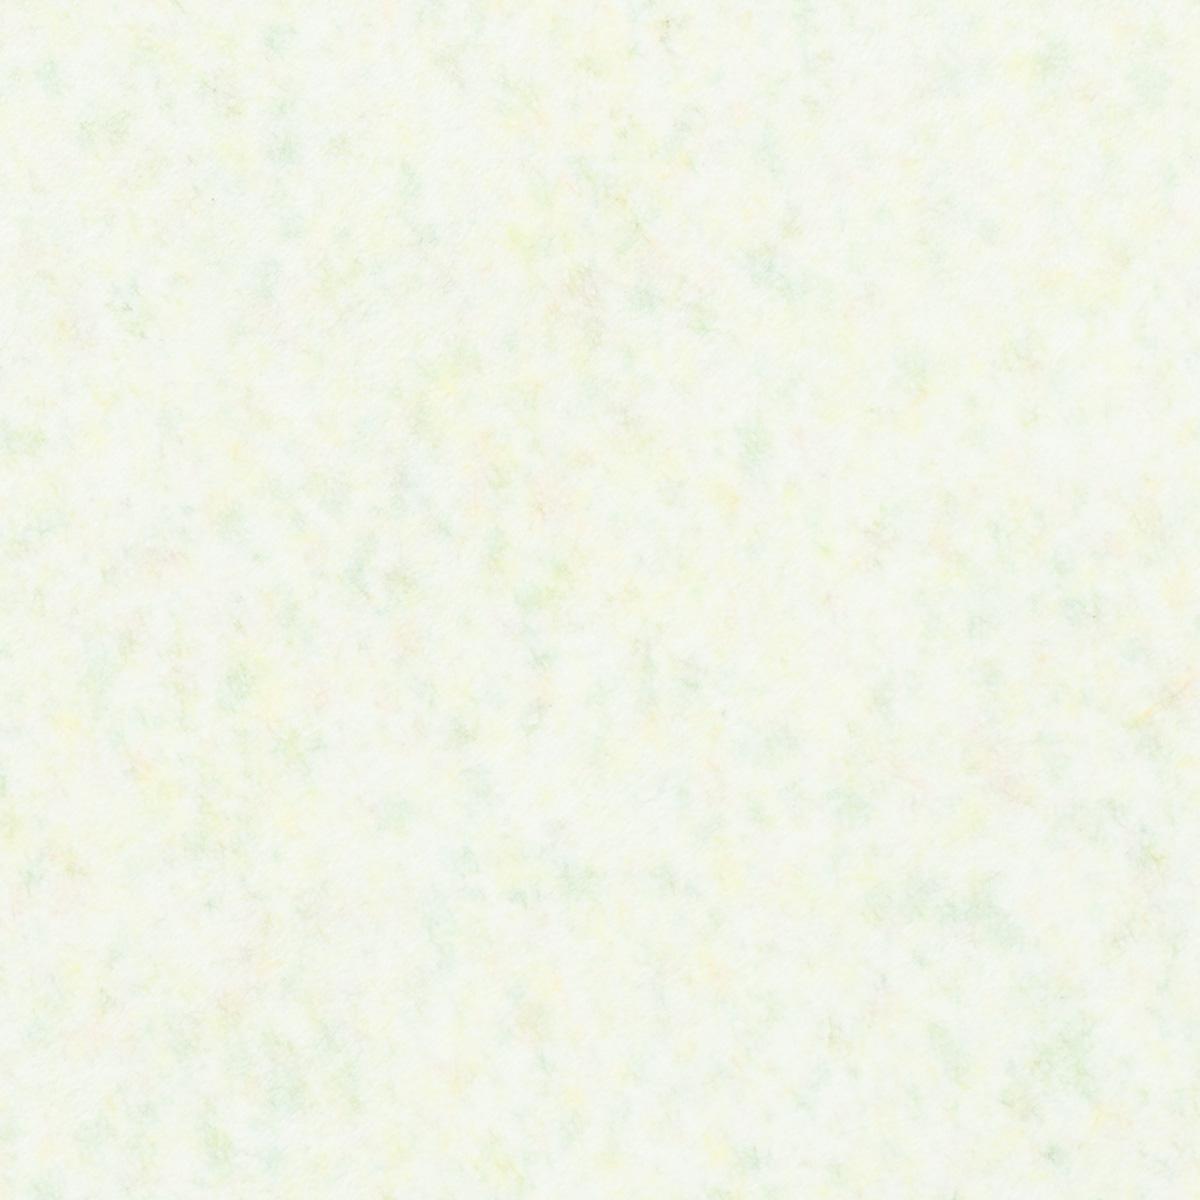 典具帖紙 ふぶき染 No.10